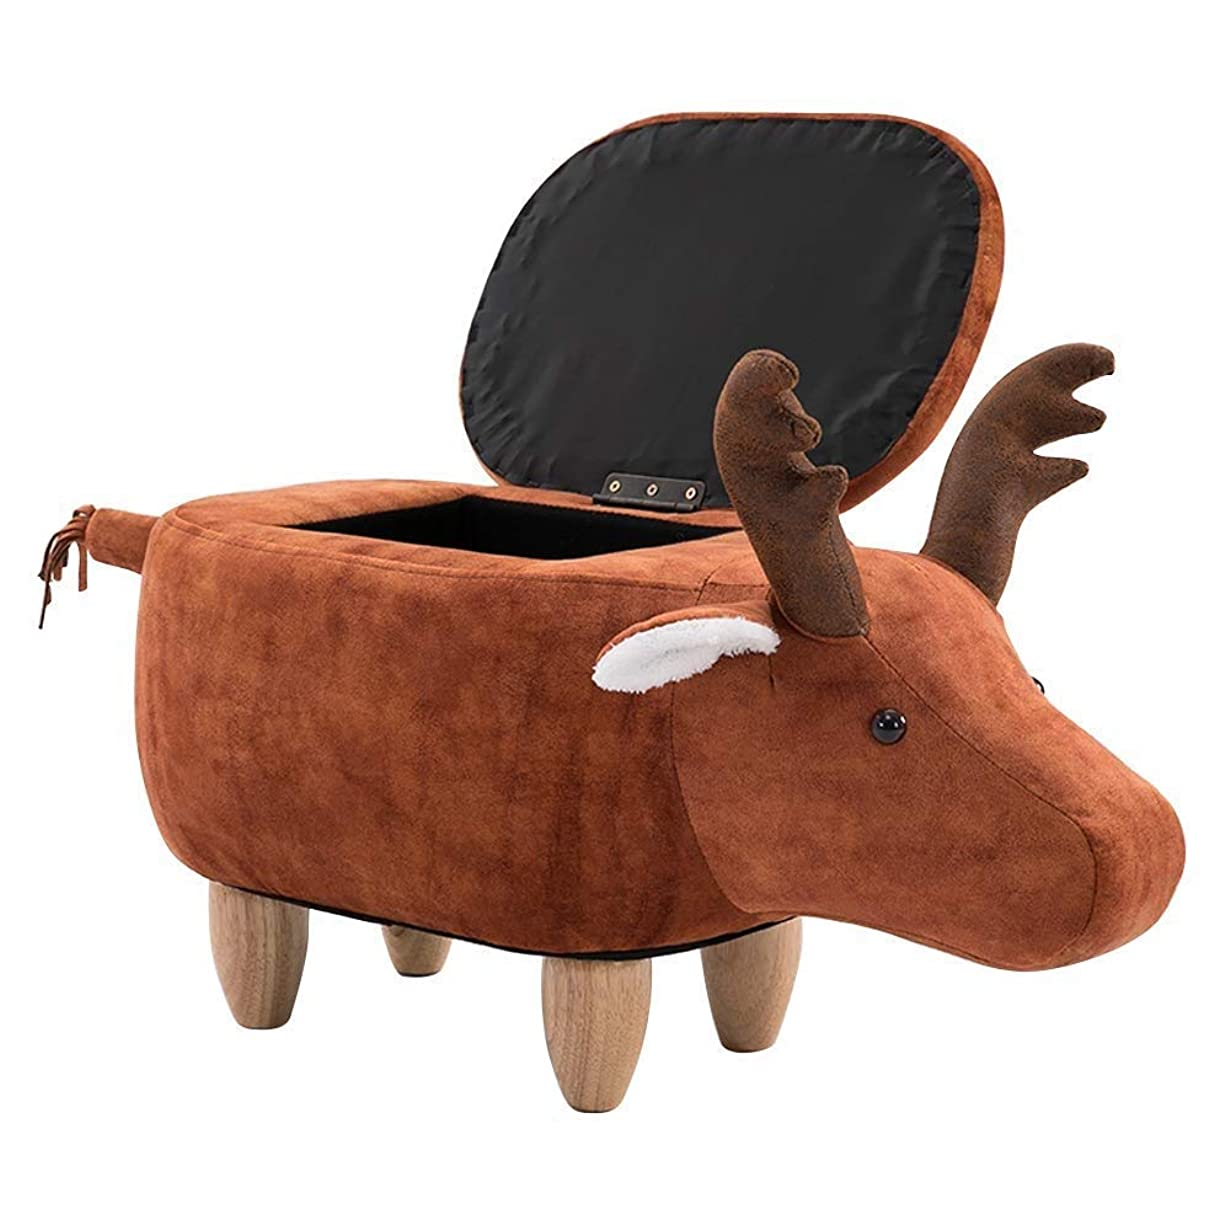 なだめる吐き出すアマゾンジャングル漫画エルク形状収納スツールオットマン 足置き フットスツール なかわいいクリエイティブデザインリビングルームソファベンチオスマンは乗ることができます子供たちへ贈り物 (オレンジ色)